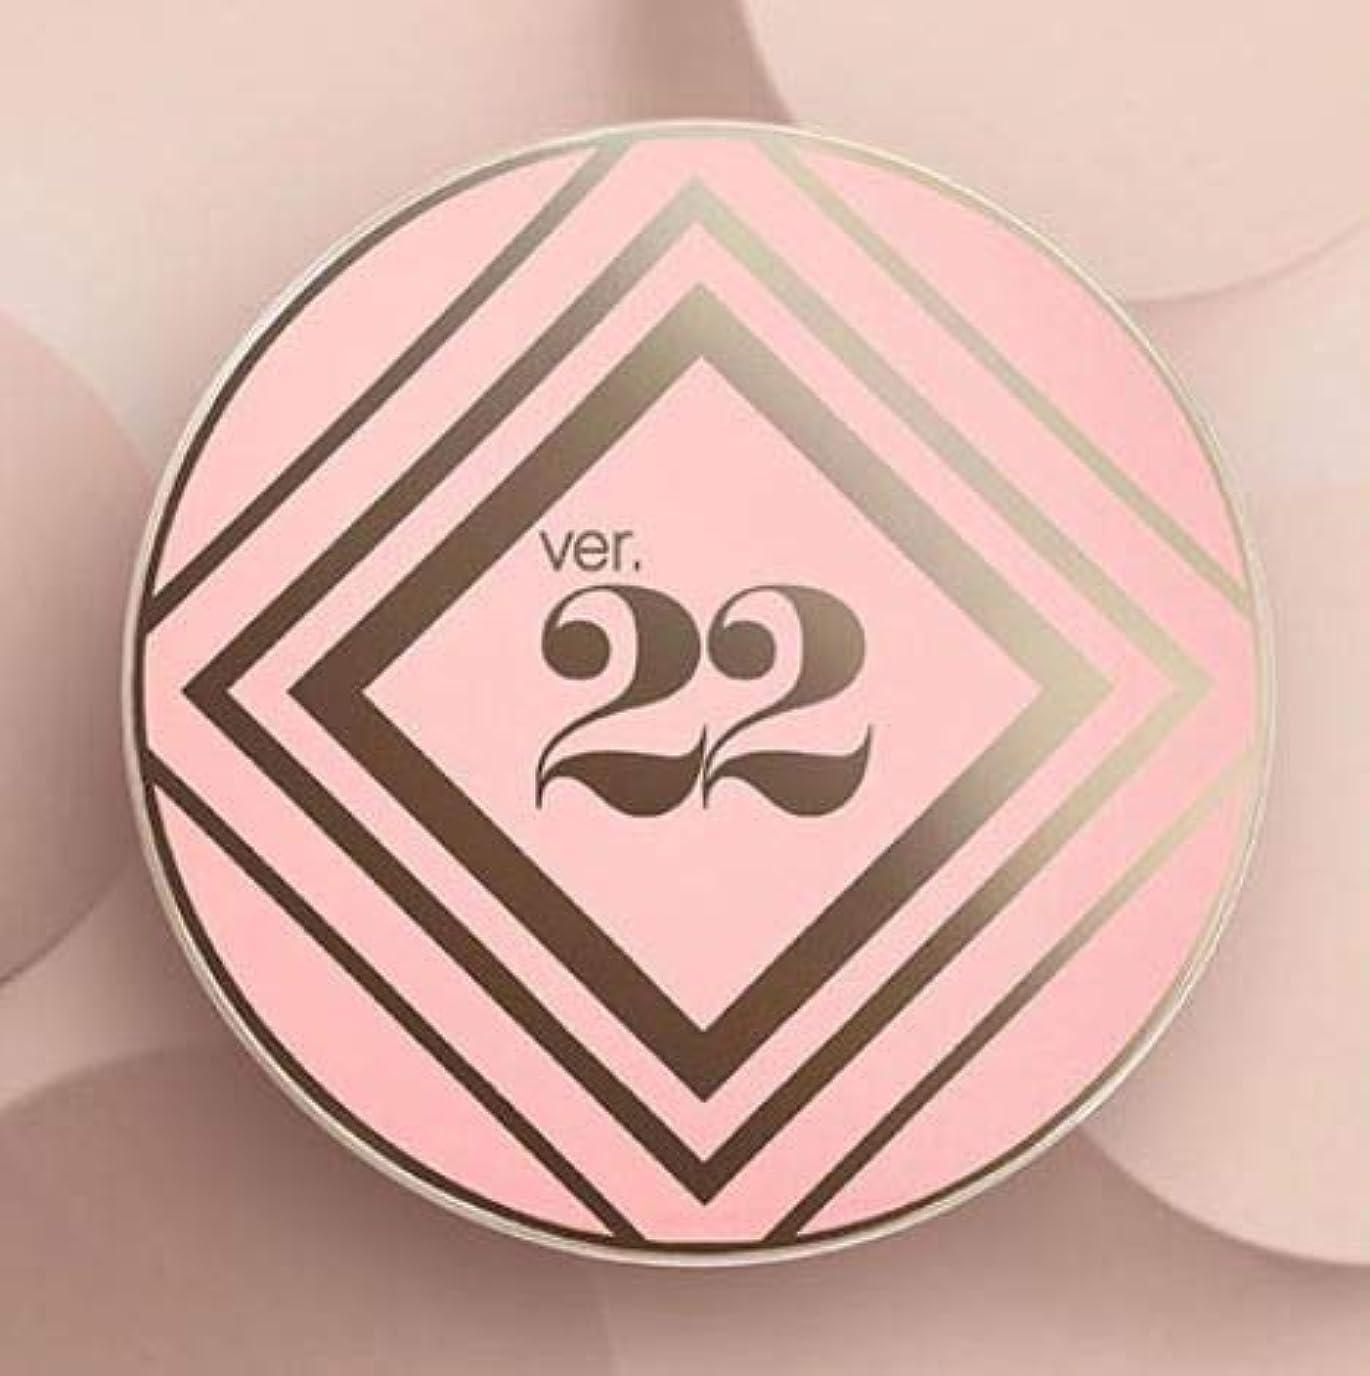 腹程度同性愛者Ver.22 Chosungah C&T VVIG Cushion 25g SPF50+/PA++++ (2号サンドベージュ) [並行輸入品]